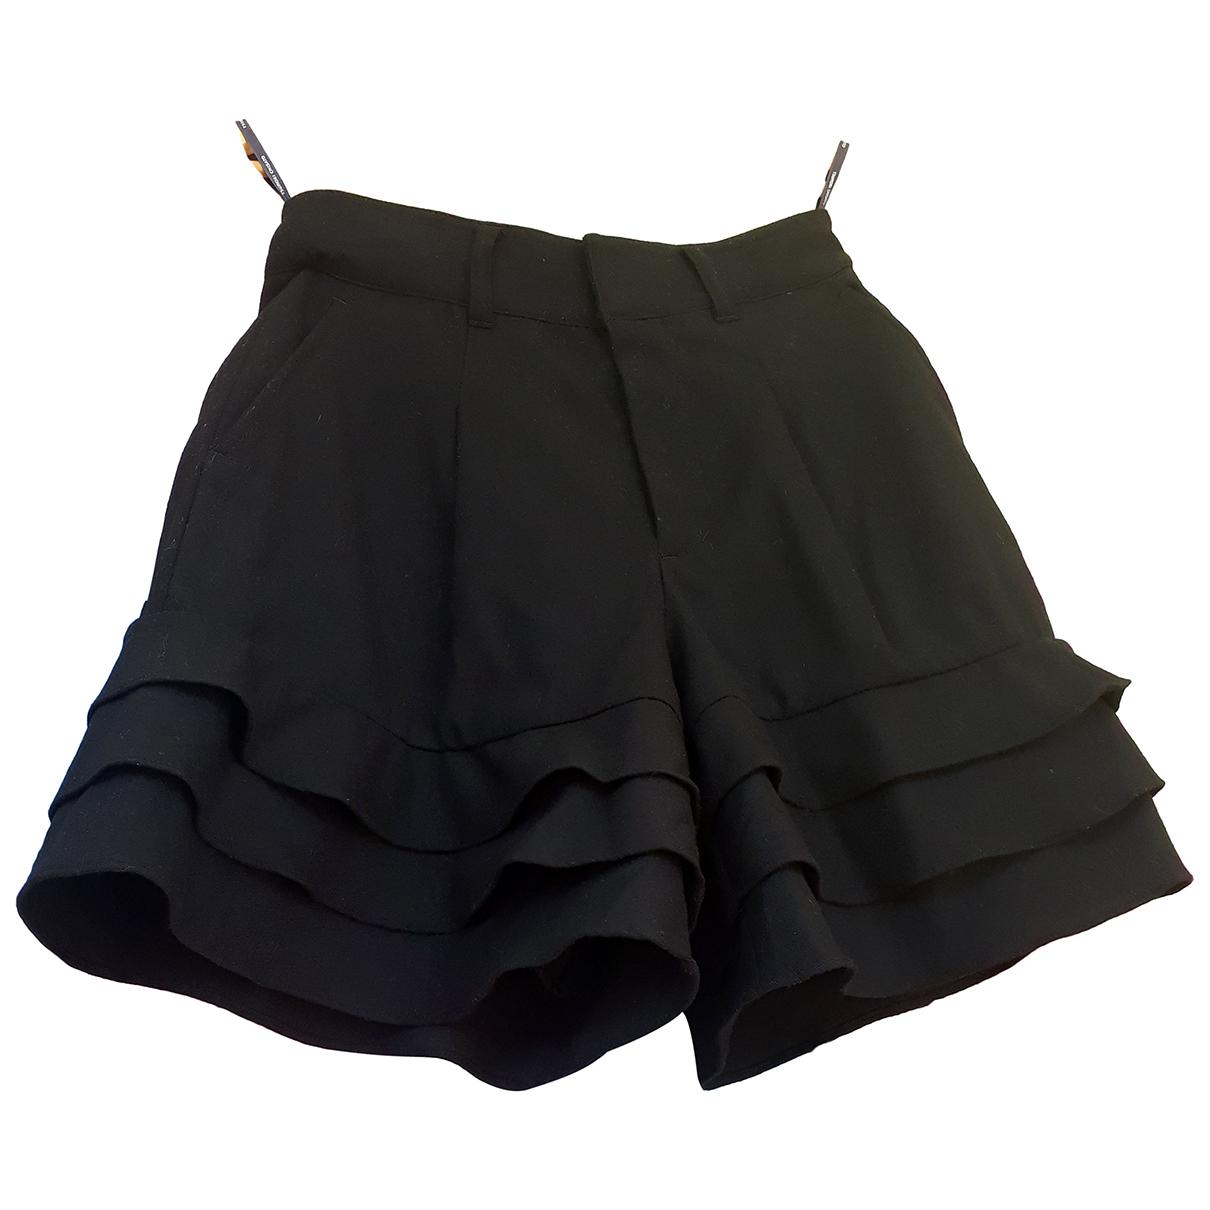 Tsumori Chisato \N Shorts in  Schwarz Wolle